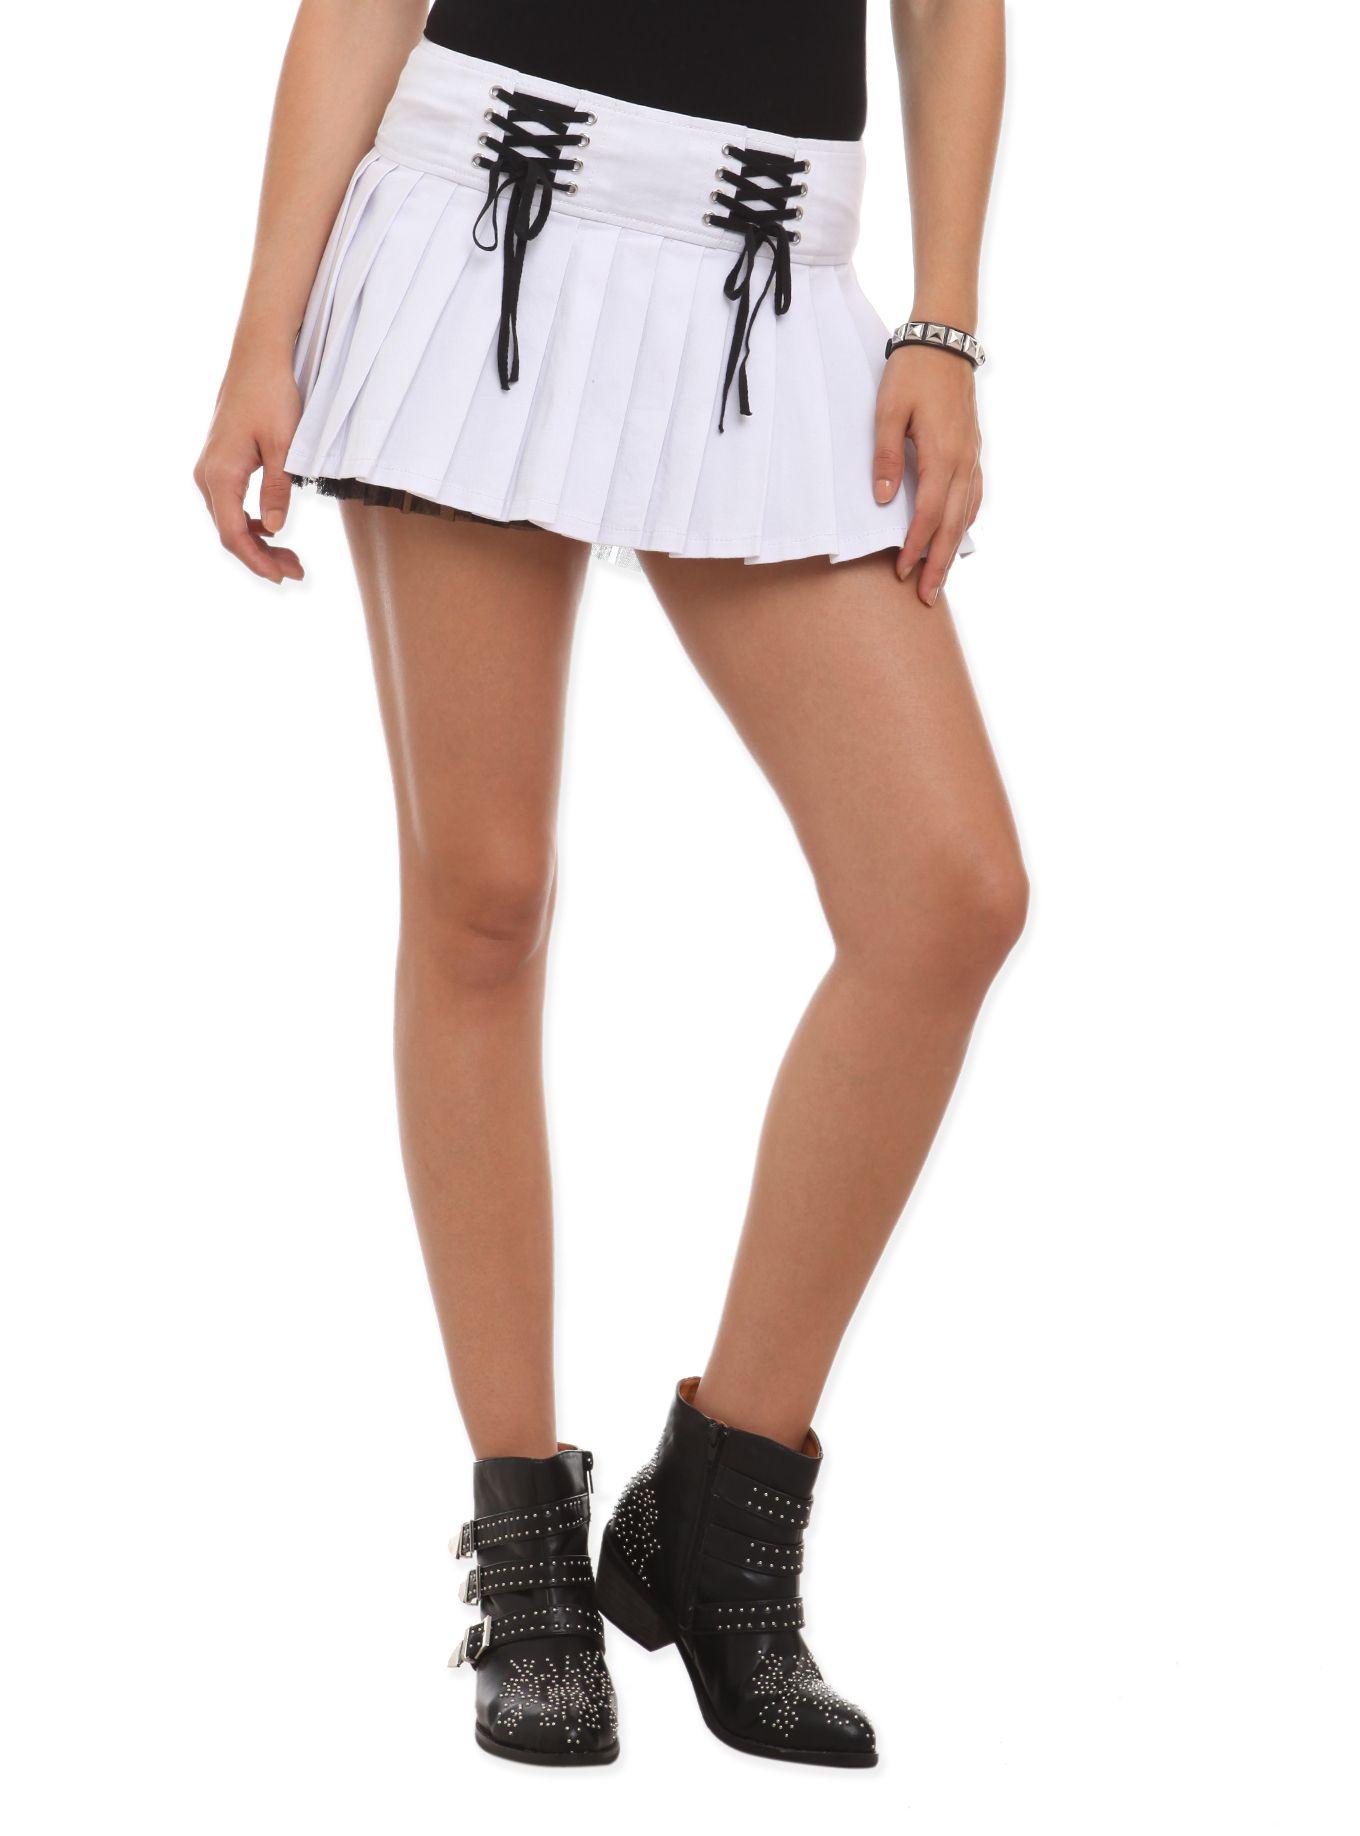 Royal Bones White Lace-Up Mini Skirt | Hot Topic | Skirts ...